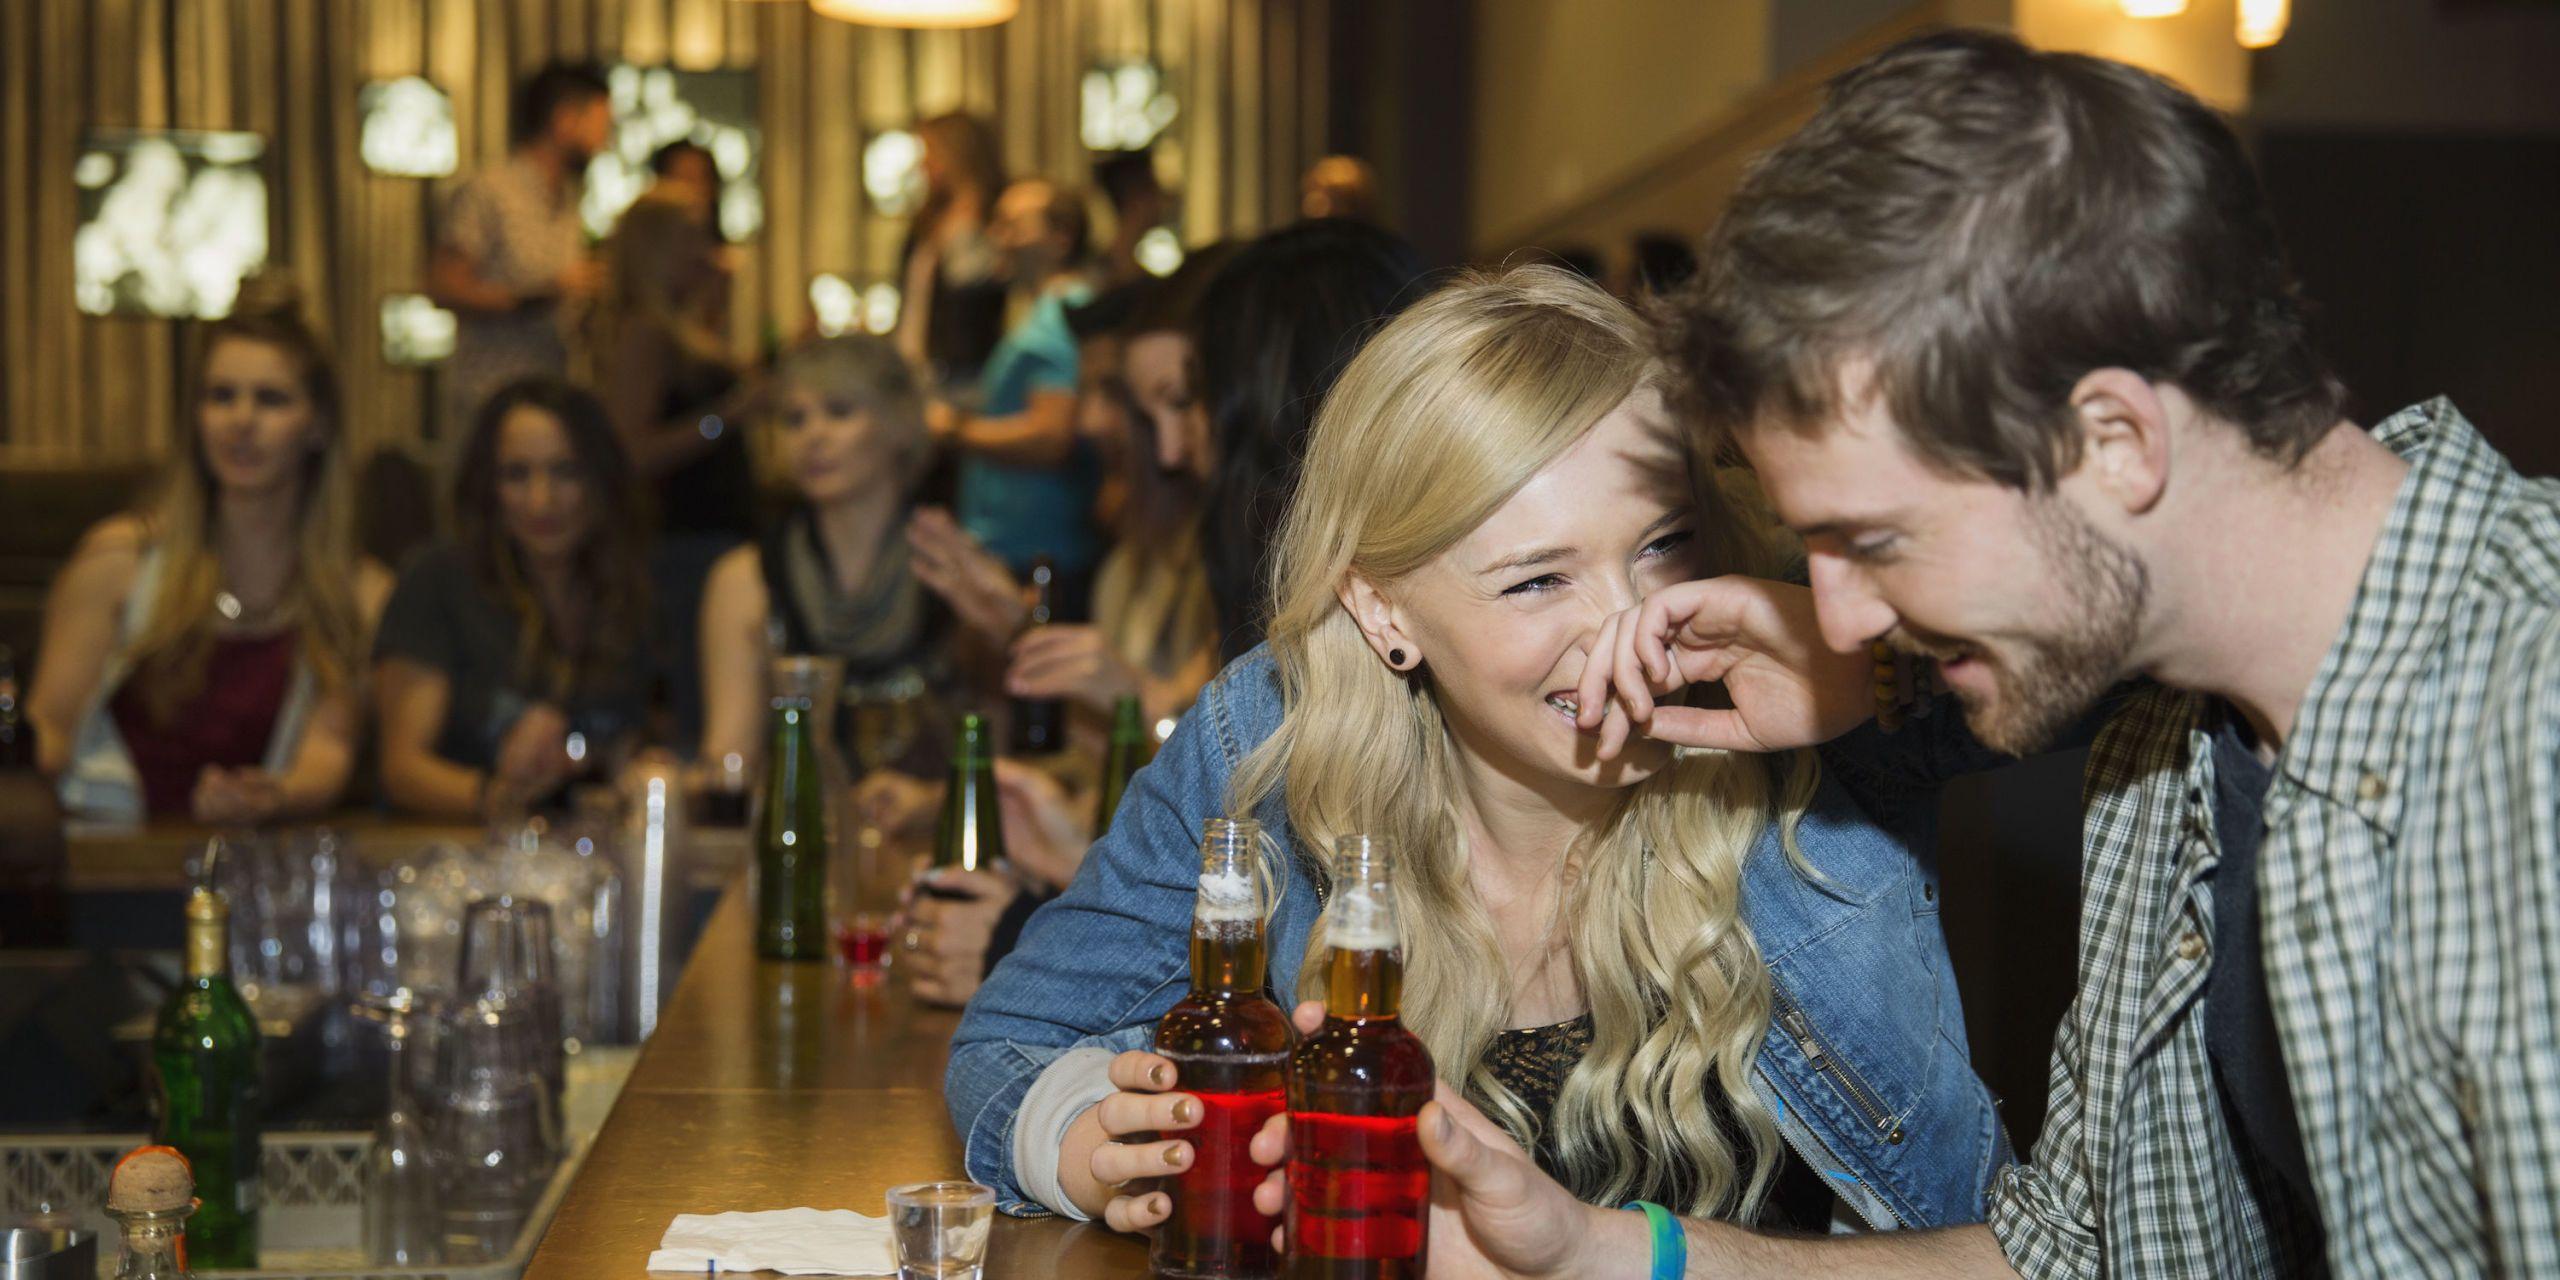 cose divertenti da mettere su un profilo di appuntamenti storie di successo di Sugar dating